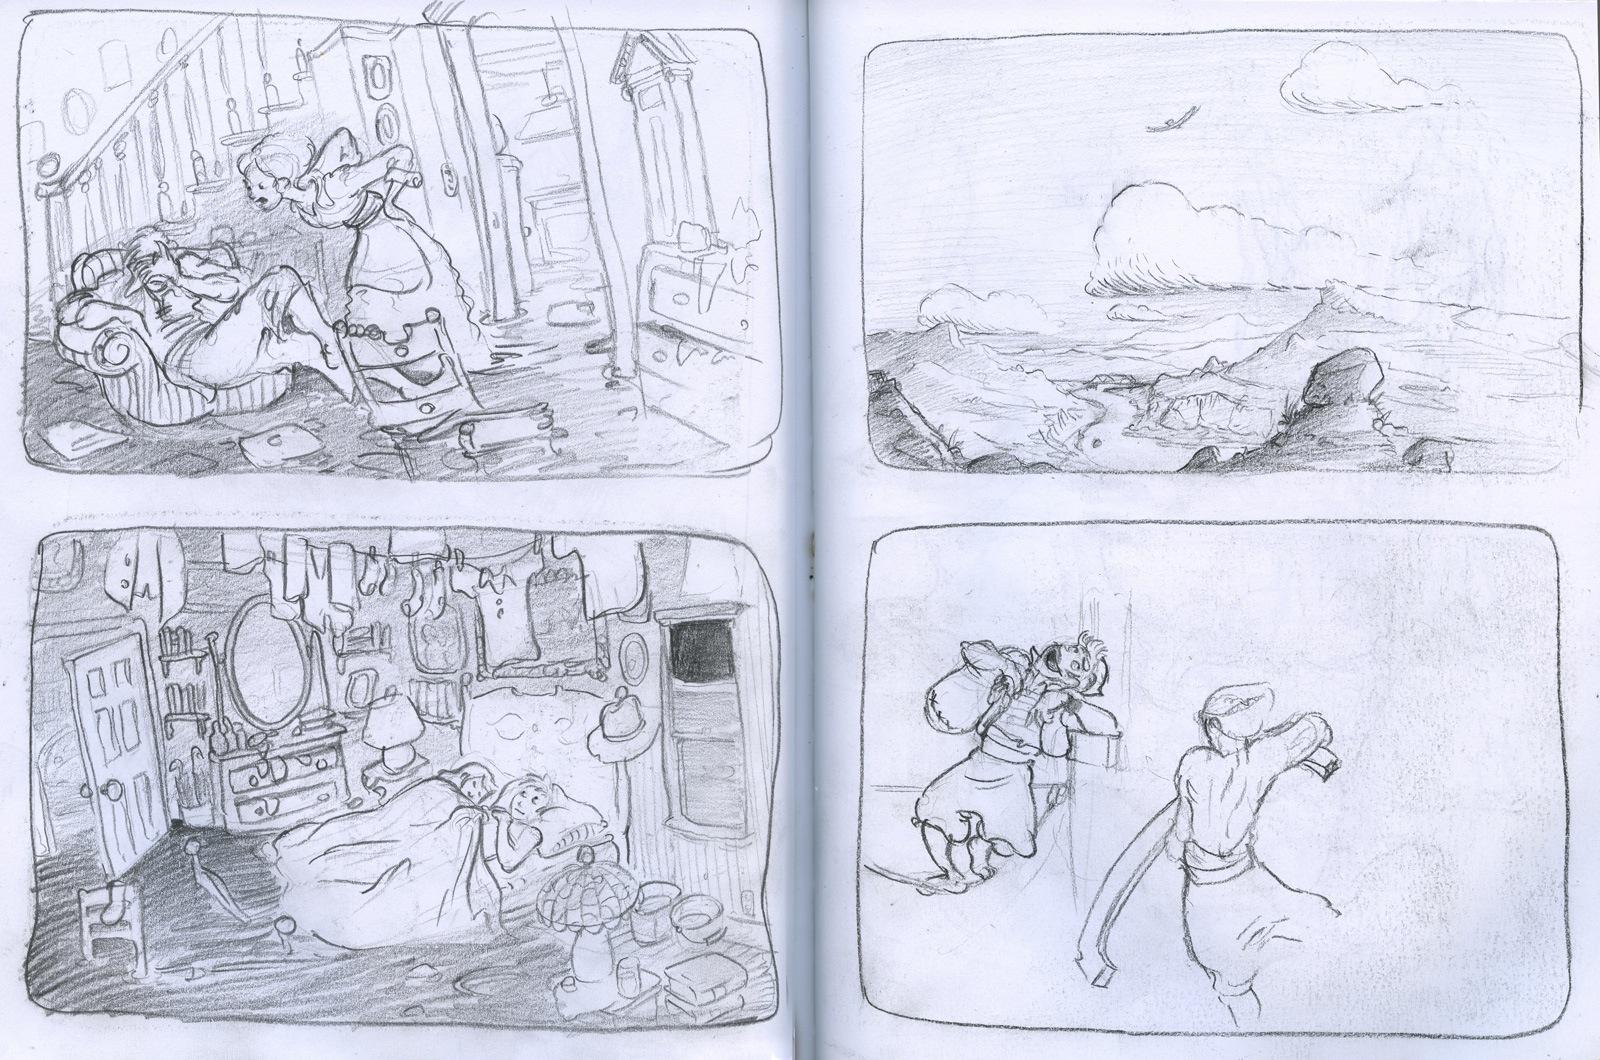 sketchbook drawing storyboard panels